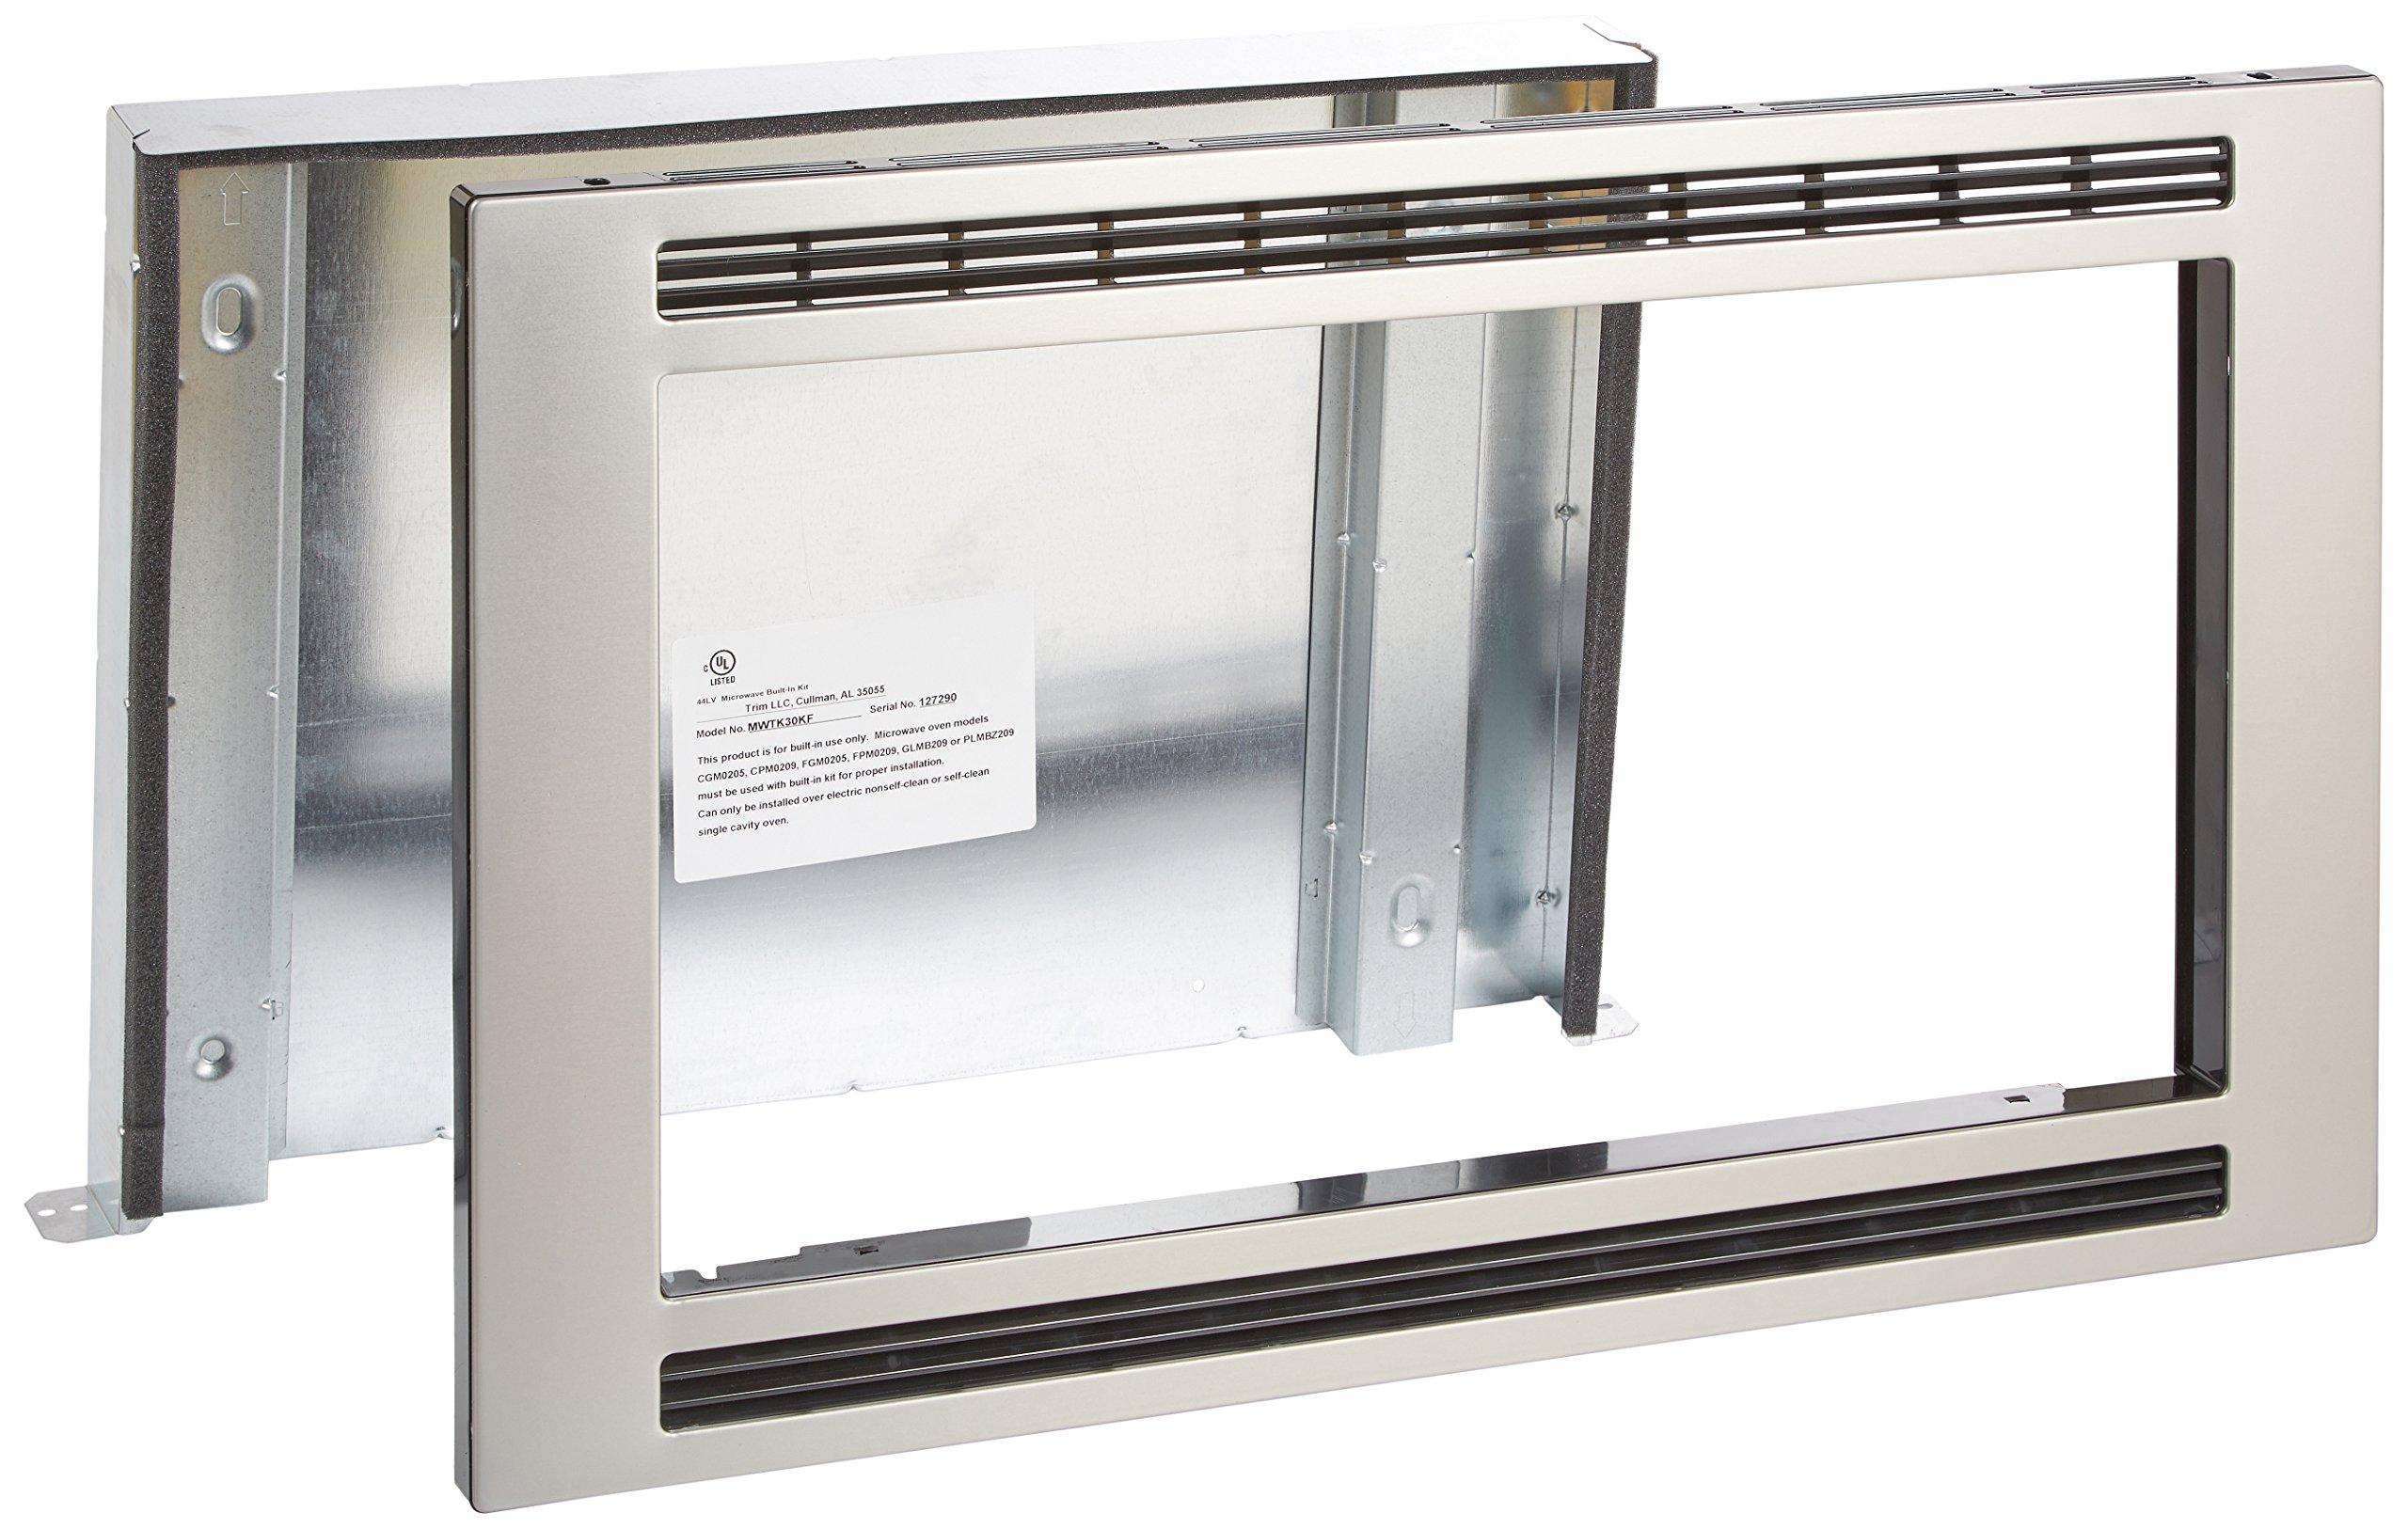 Frigidaire MWTK30KF Microwave Trim Kit by Frigidaire